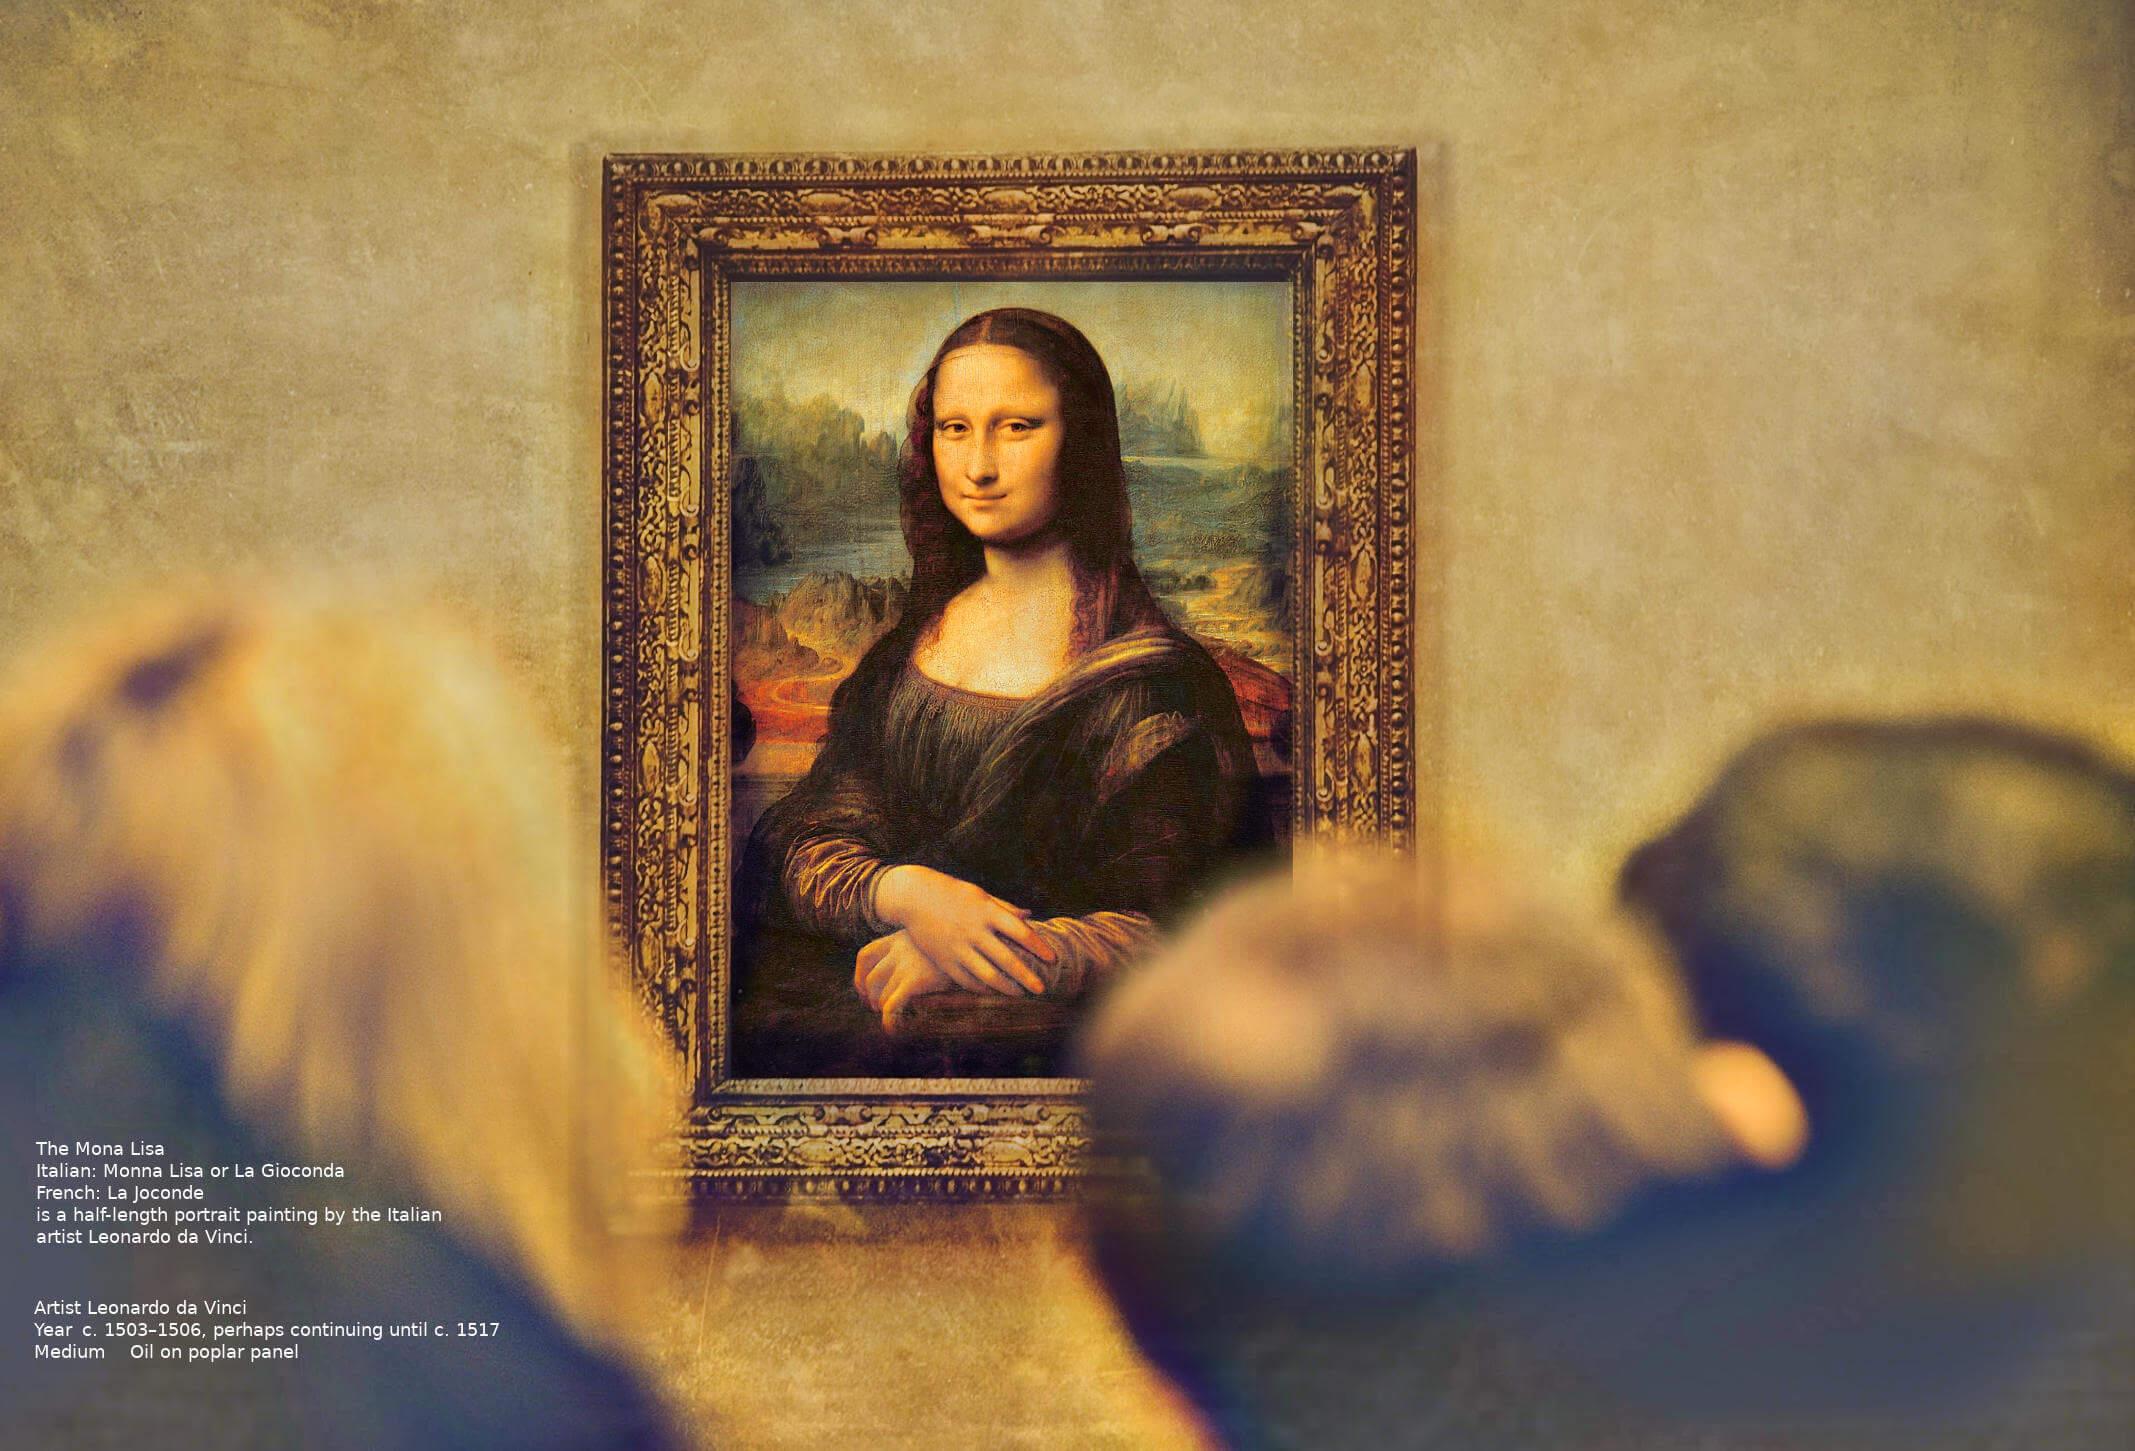 Moon Lisa - La Gioconda - Leonardo Da Vinci